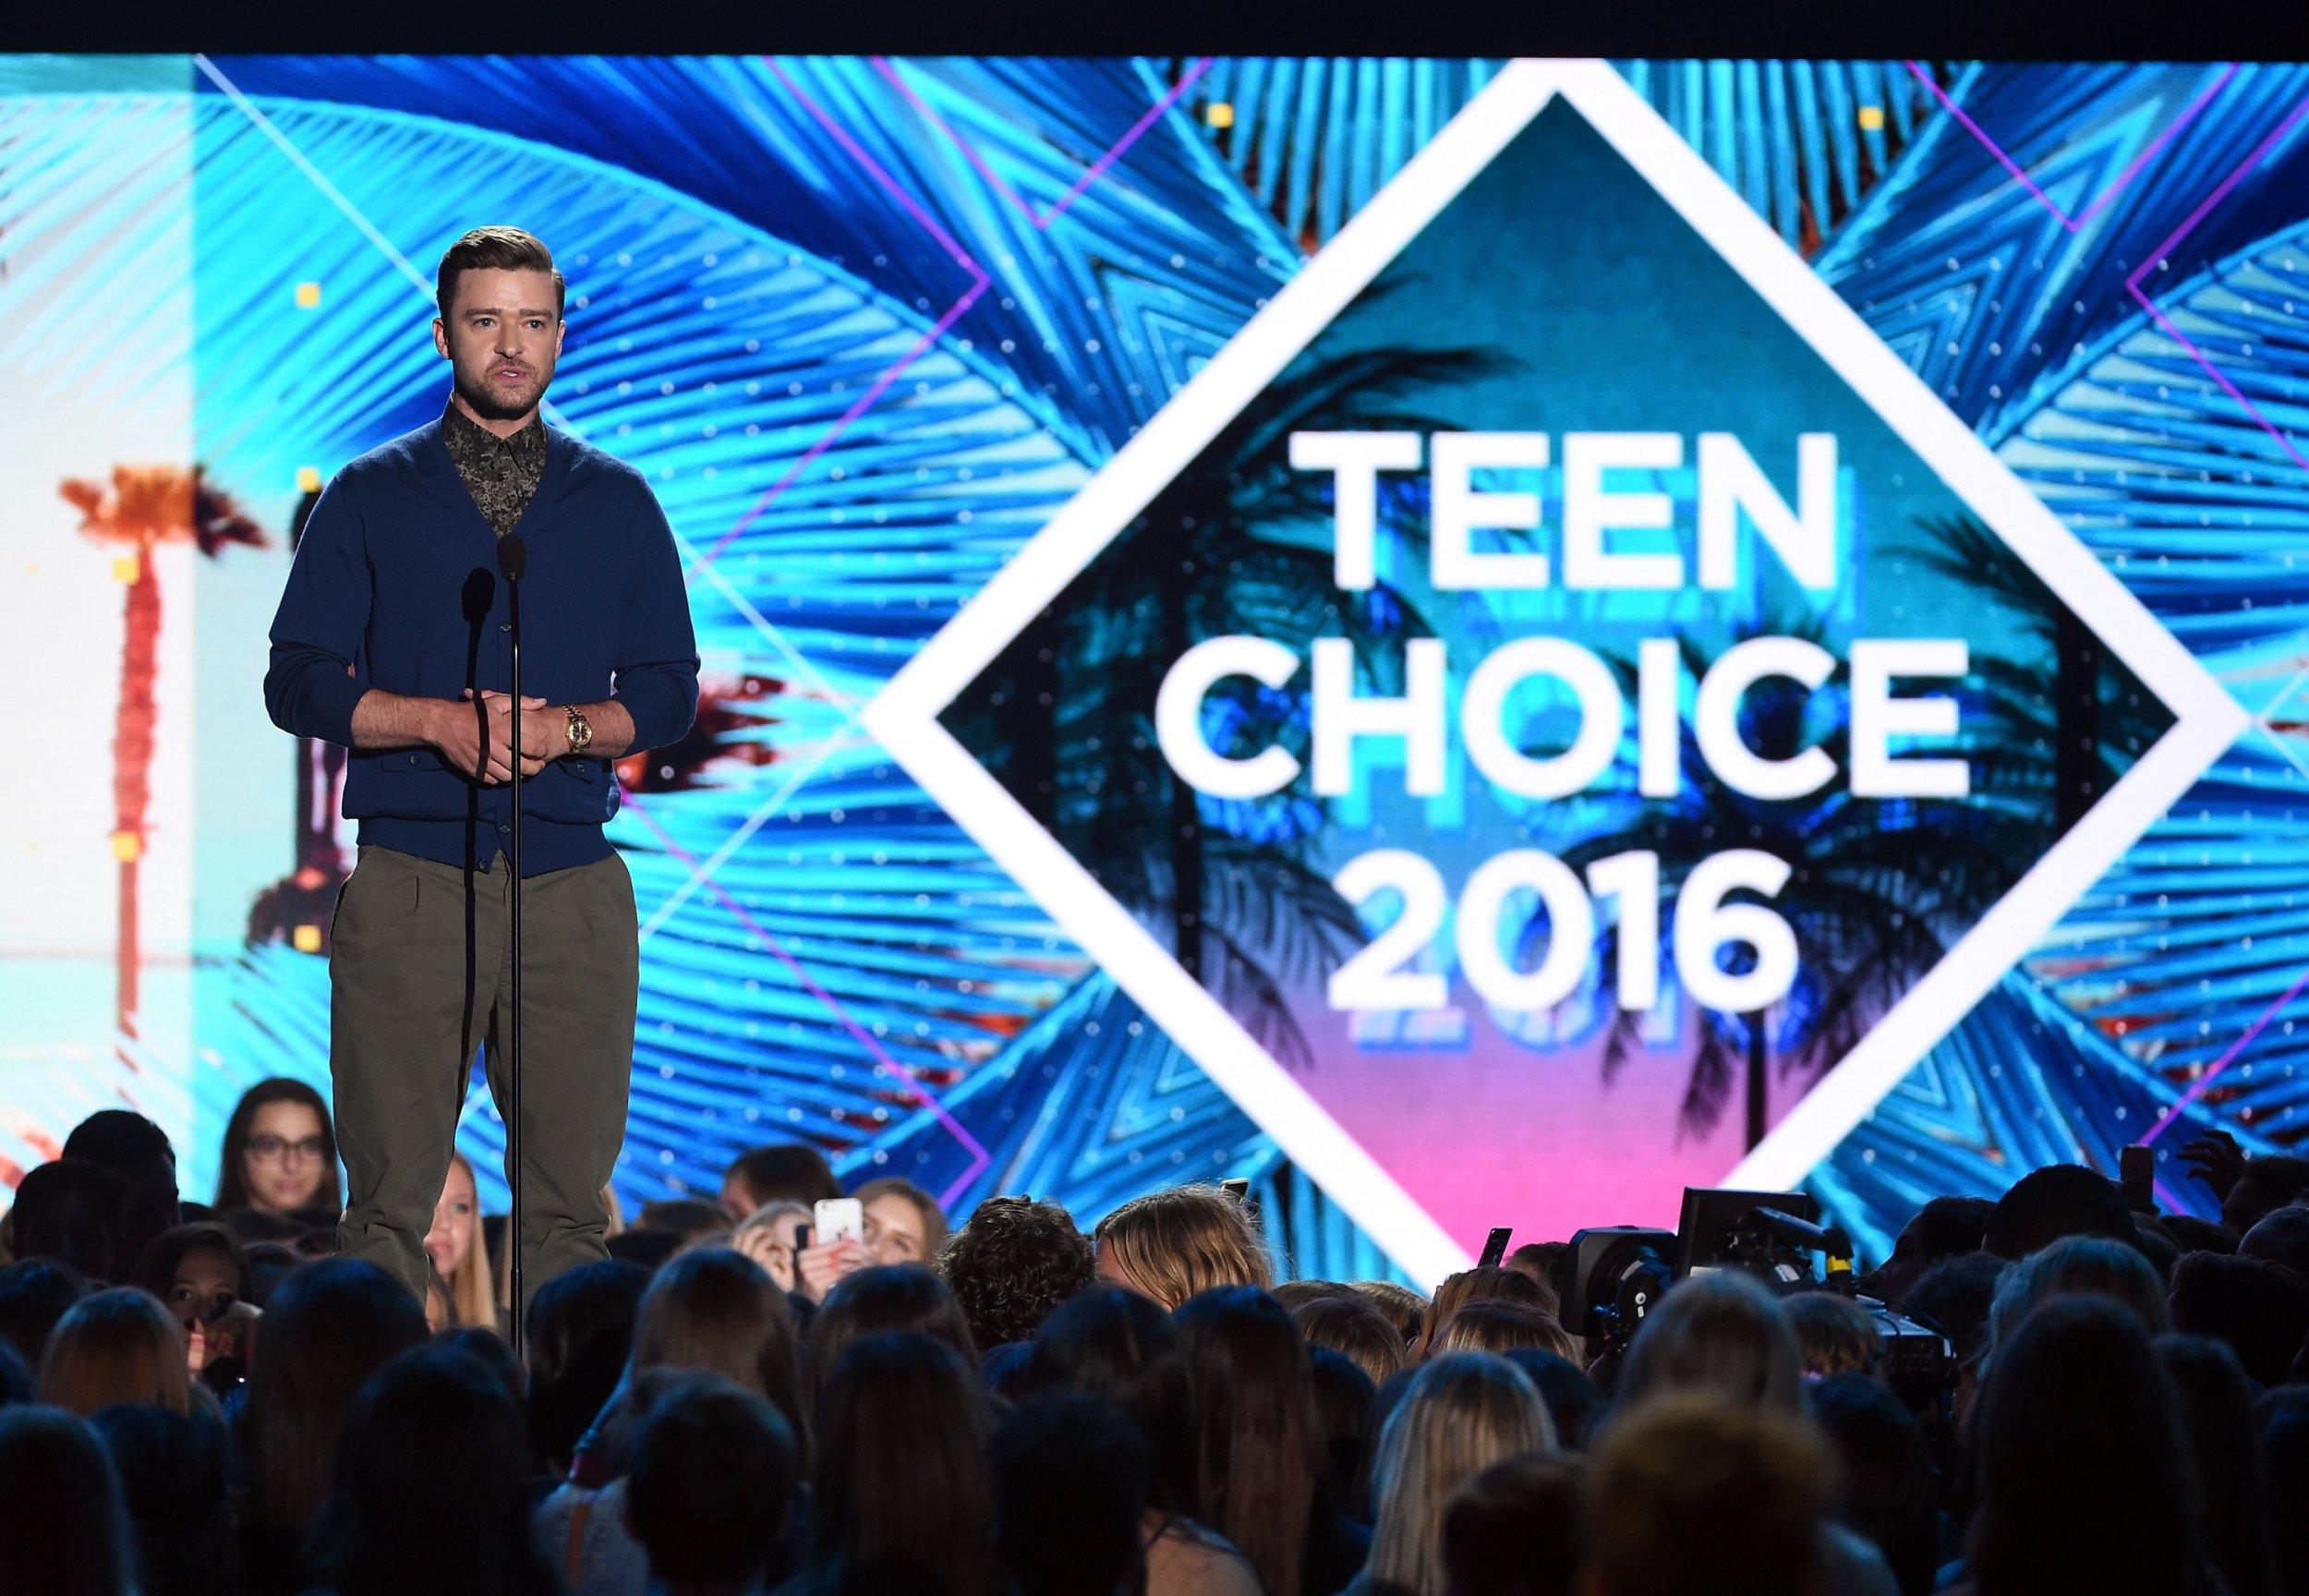 Justin Timberlake at Teen Choice Awards